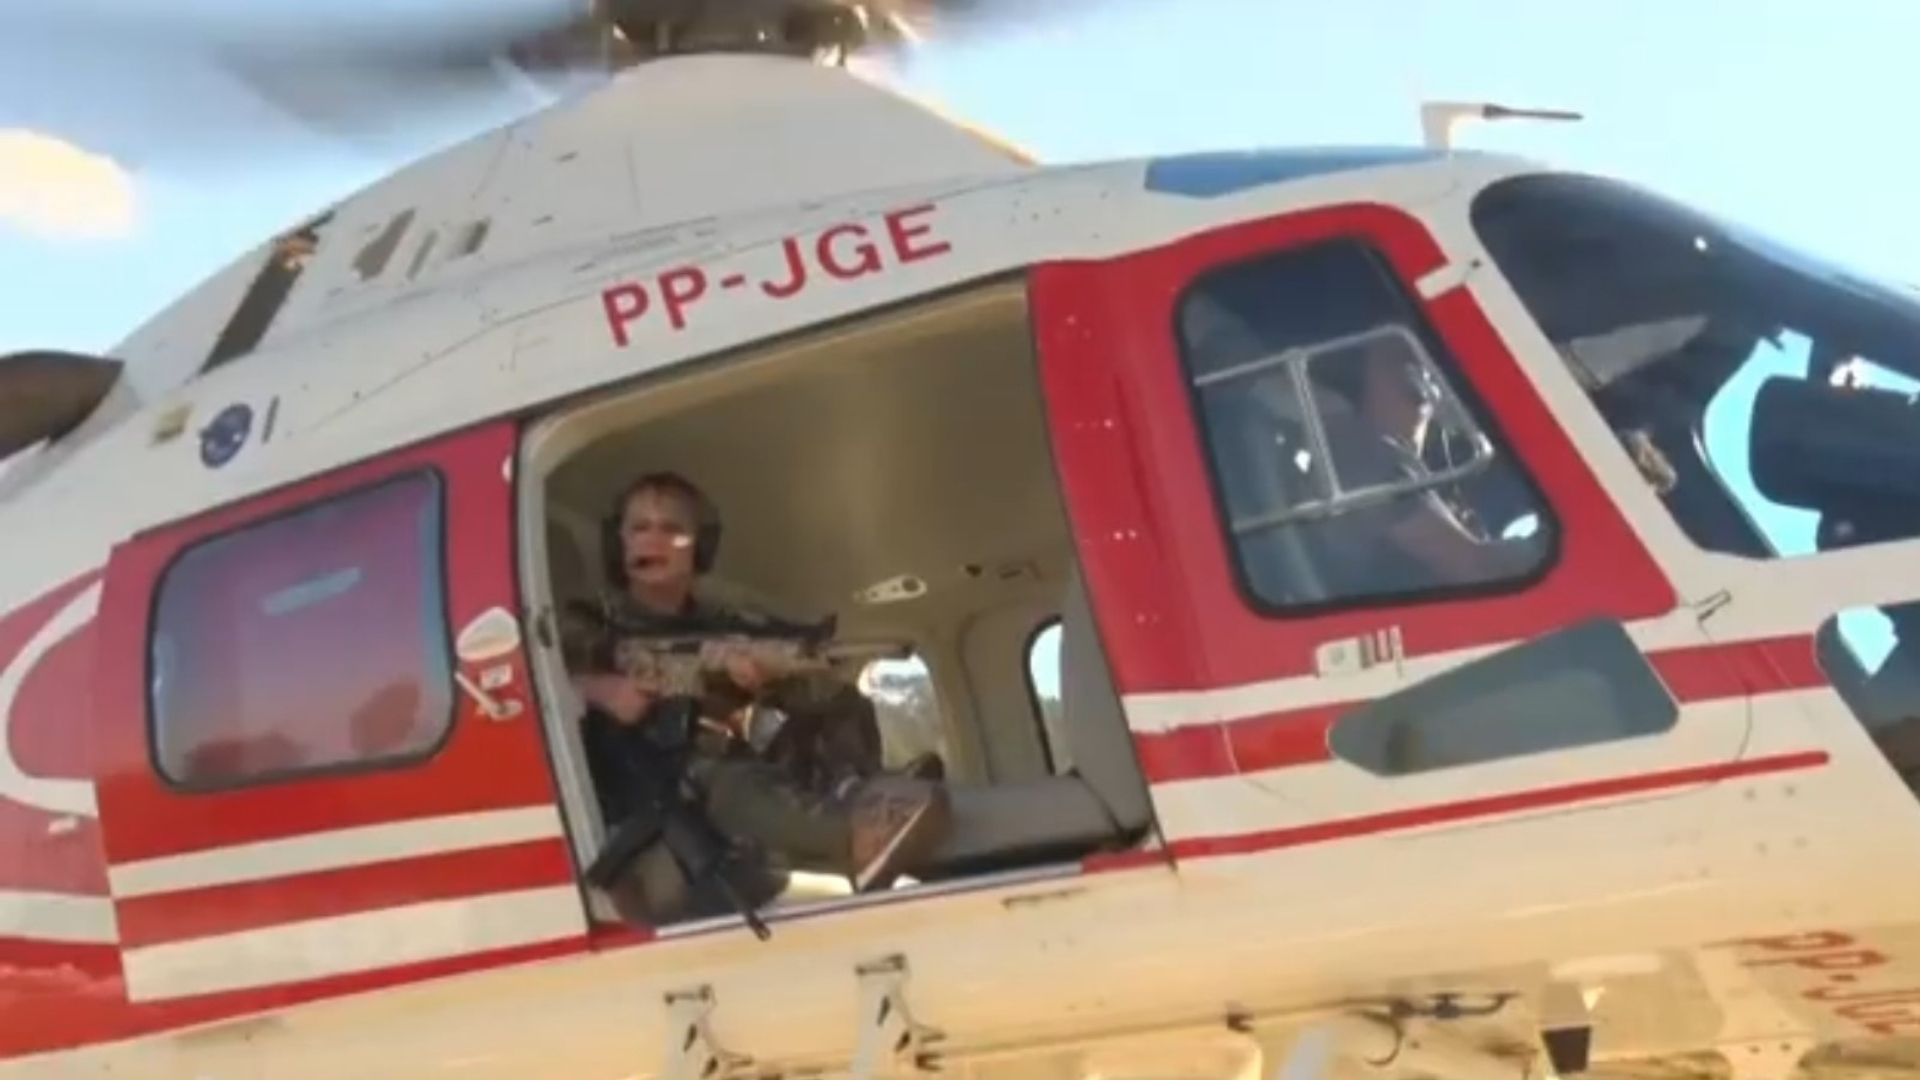 Magda Mofatto grava vídeo falando em capturar Lázaro e é criticada por ridicularizar forças policiais